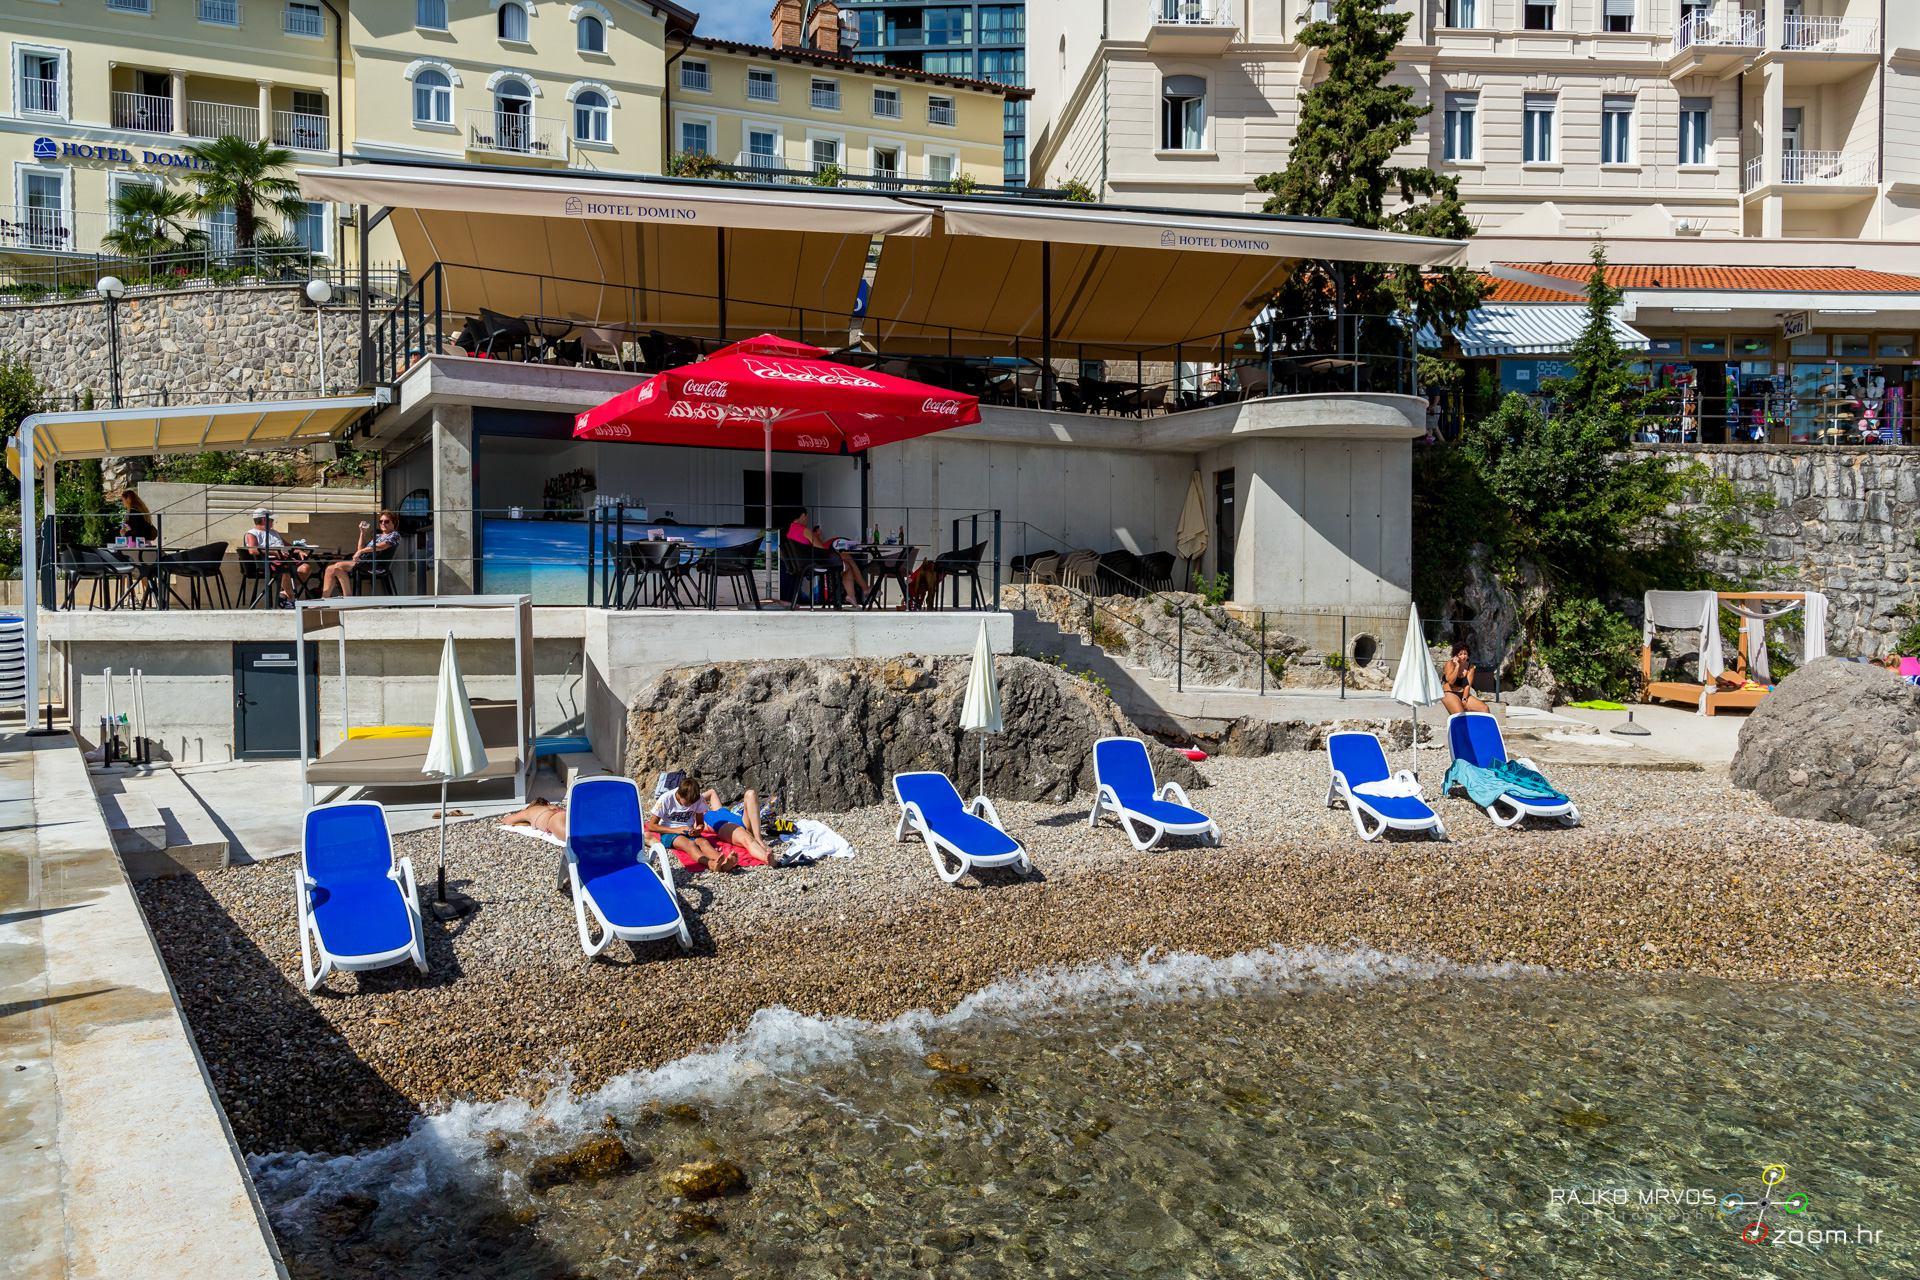 profesionalno-fotografiranje-hotela-fotograf-hotela-Hotel-Domino-Opatija-32